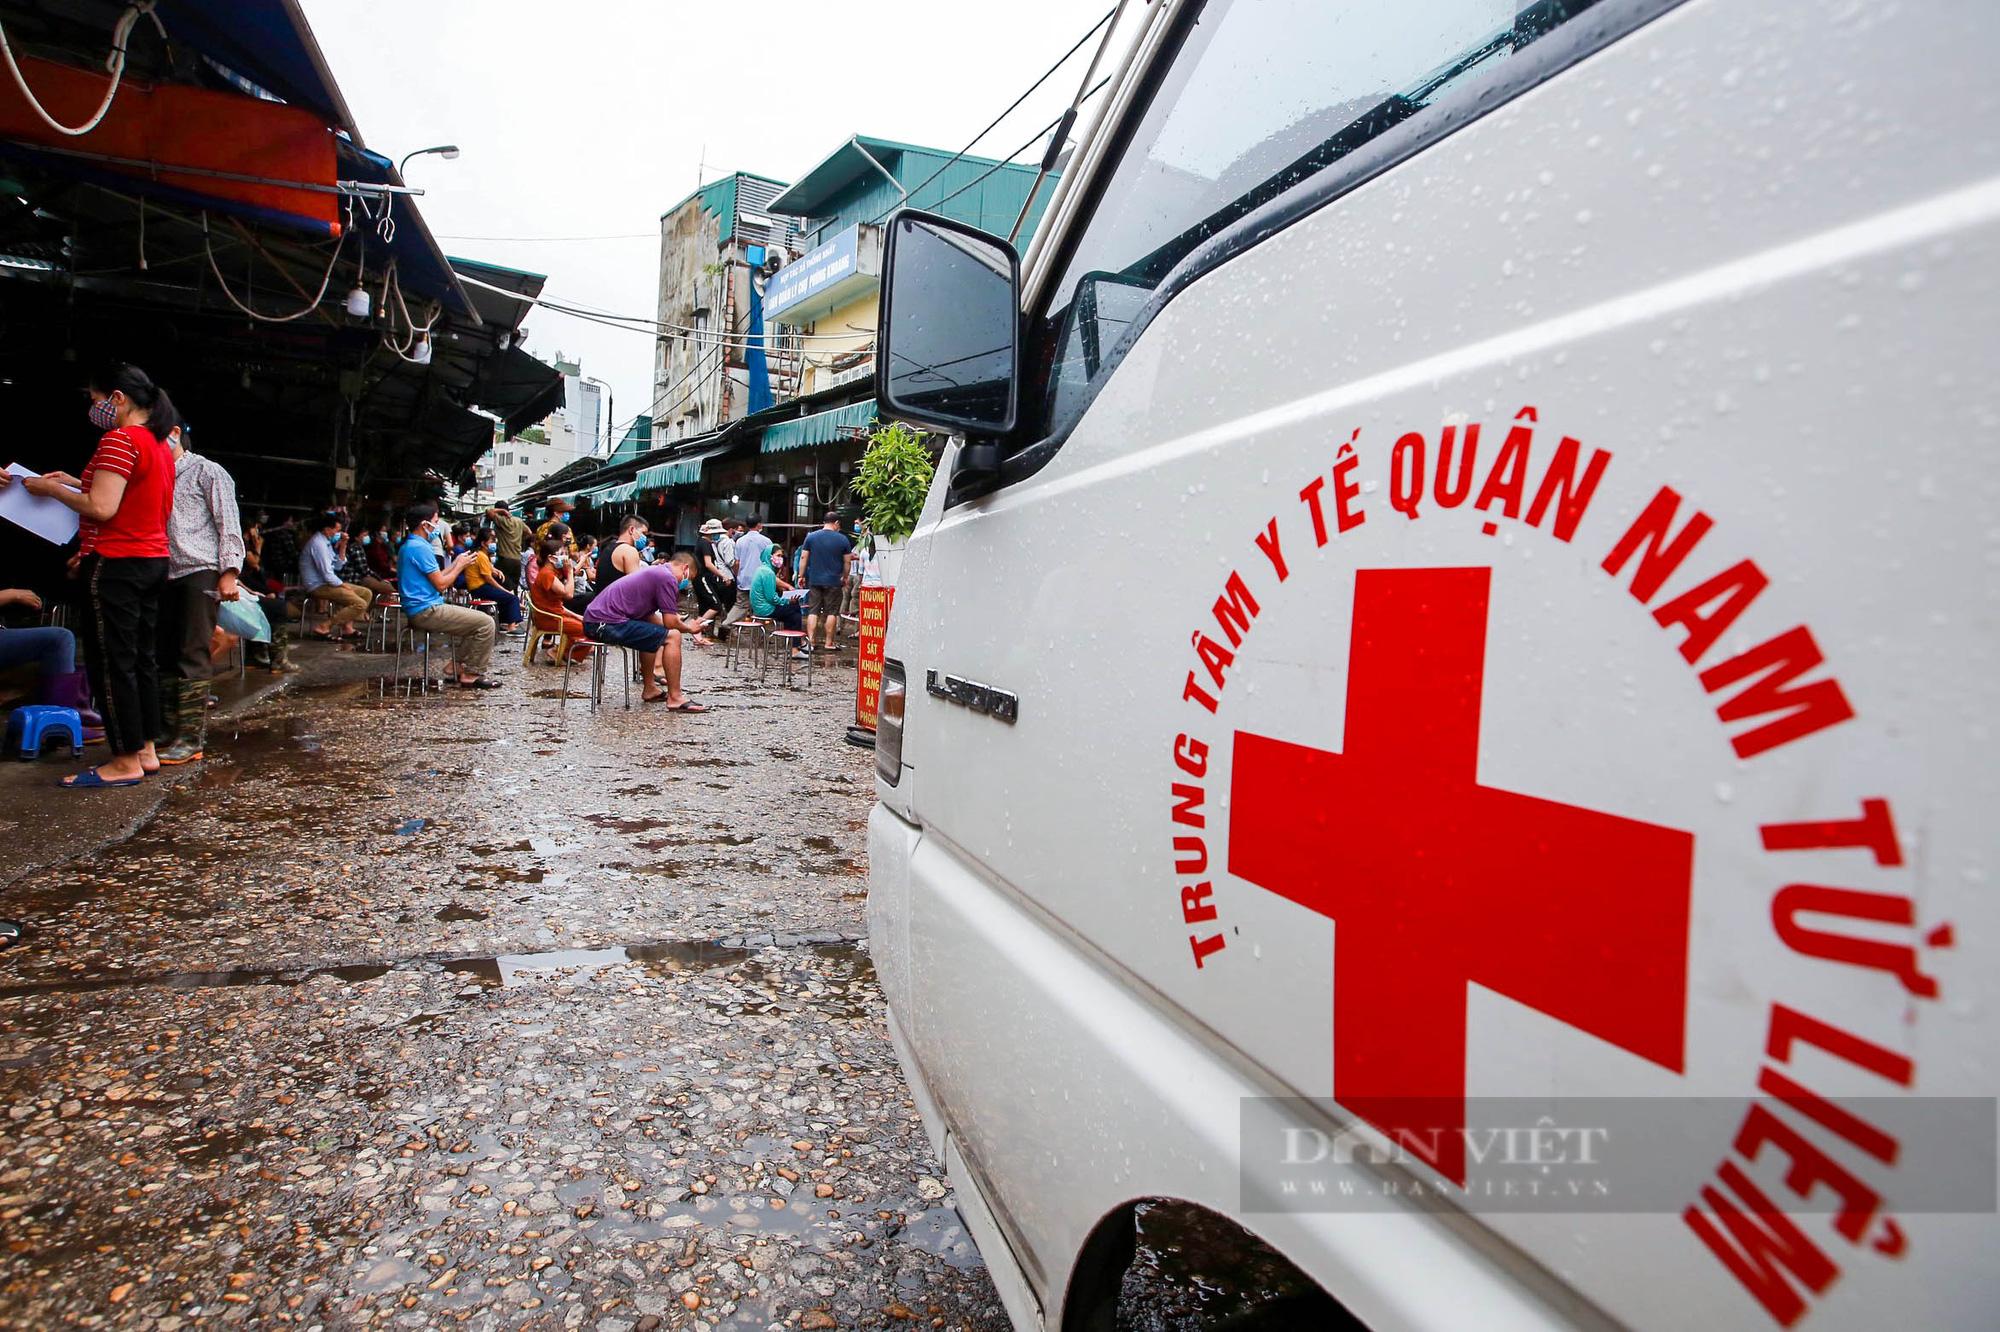 Lấy mẫu xét nghiệm hàng trăm tiểu thương tiểu thương tại chợ Phùng Khoang - Ảnh 7.